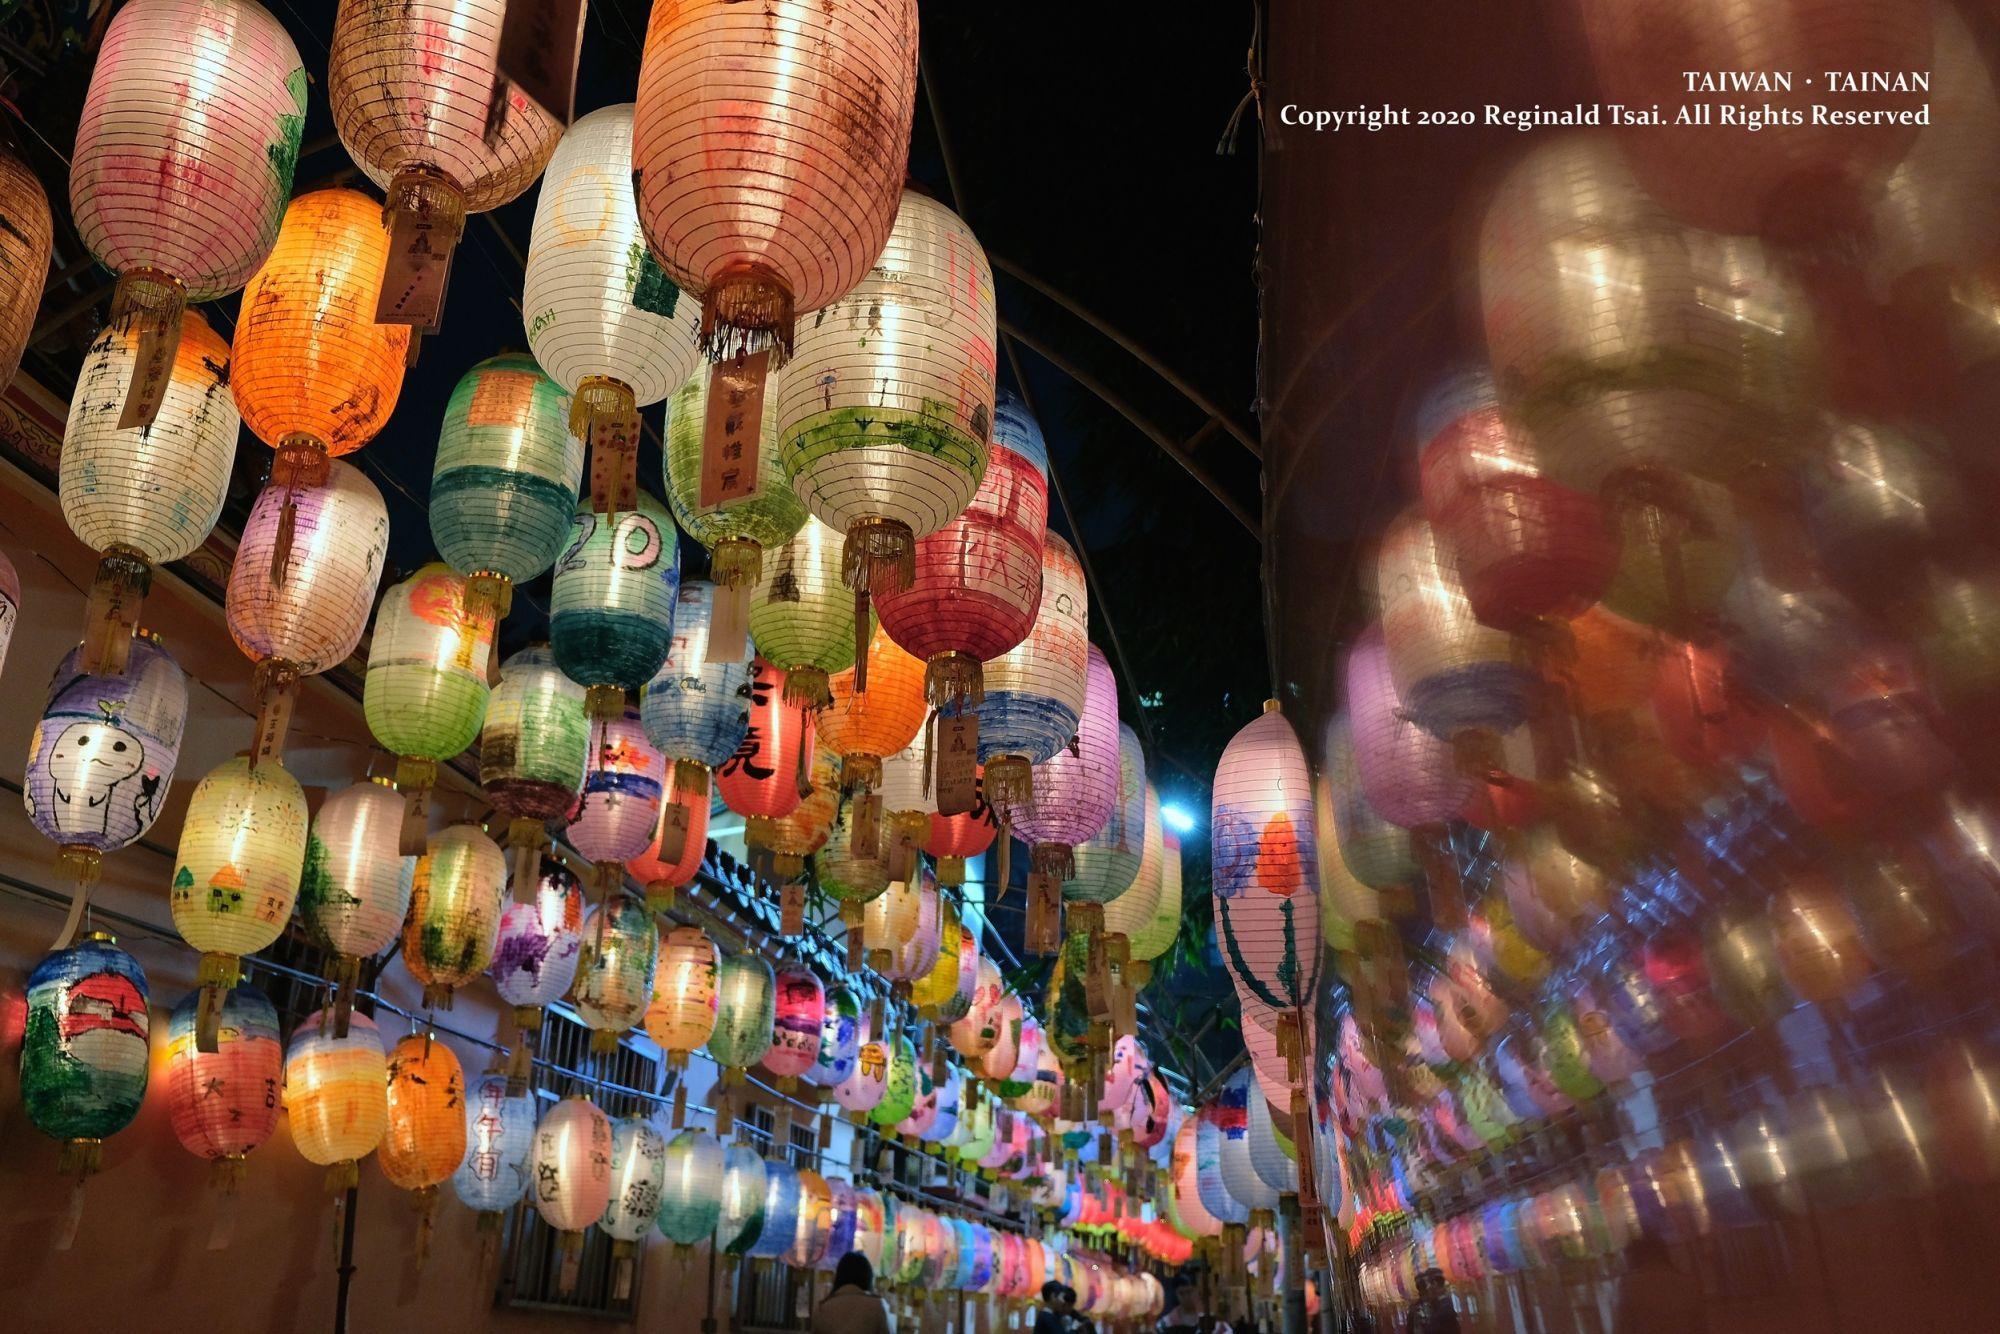 2021元宵節祈福賞花燈、吃湯圓⋯元宵節為什麼要吃湯圓?有哪些禁忌?一次告訴你